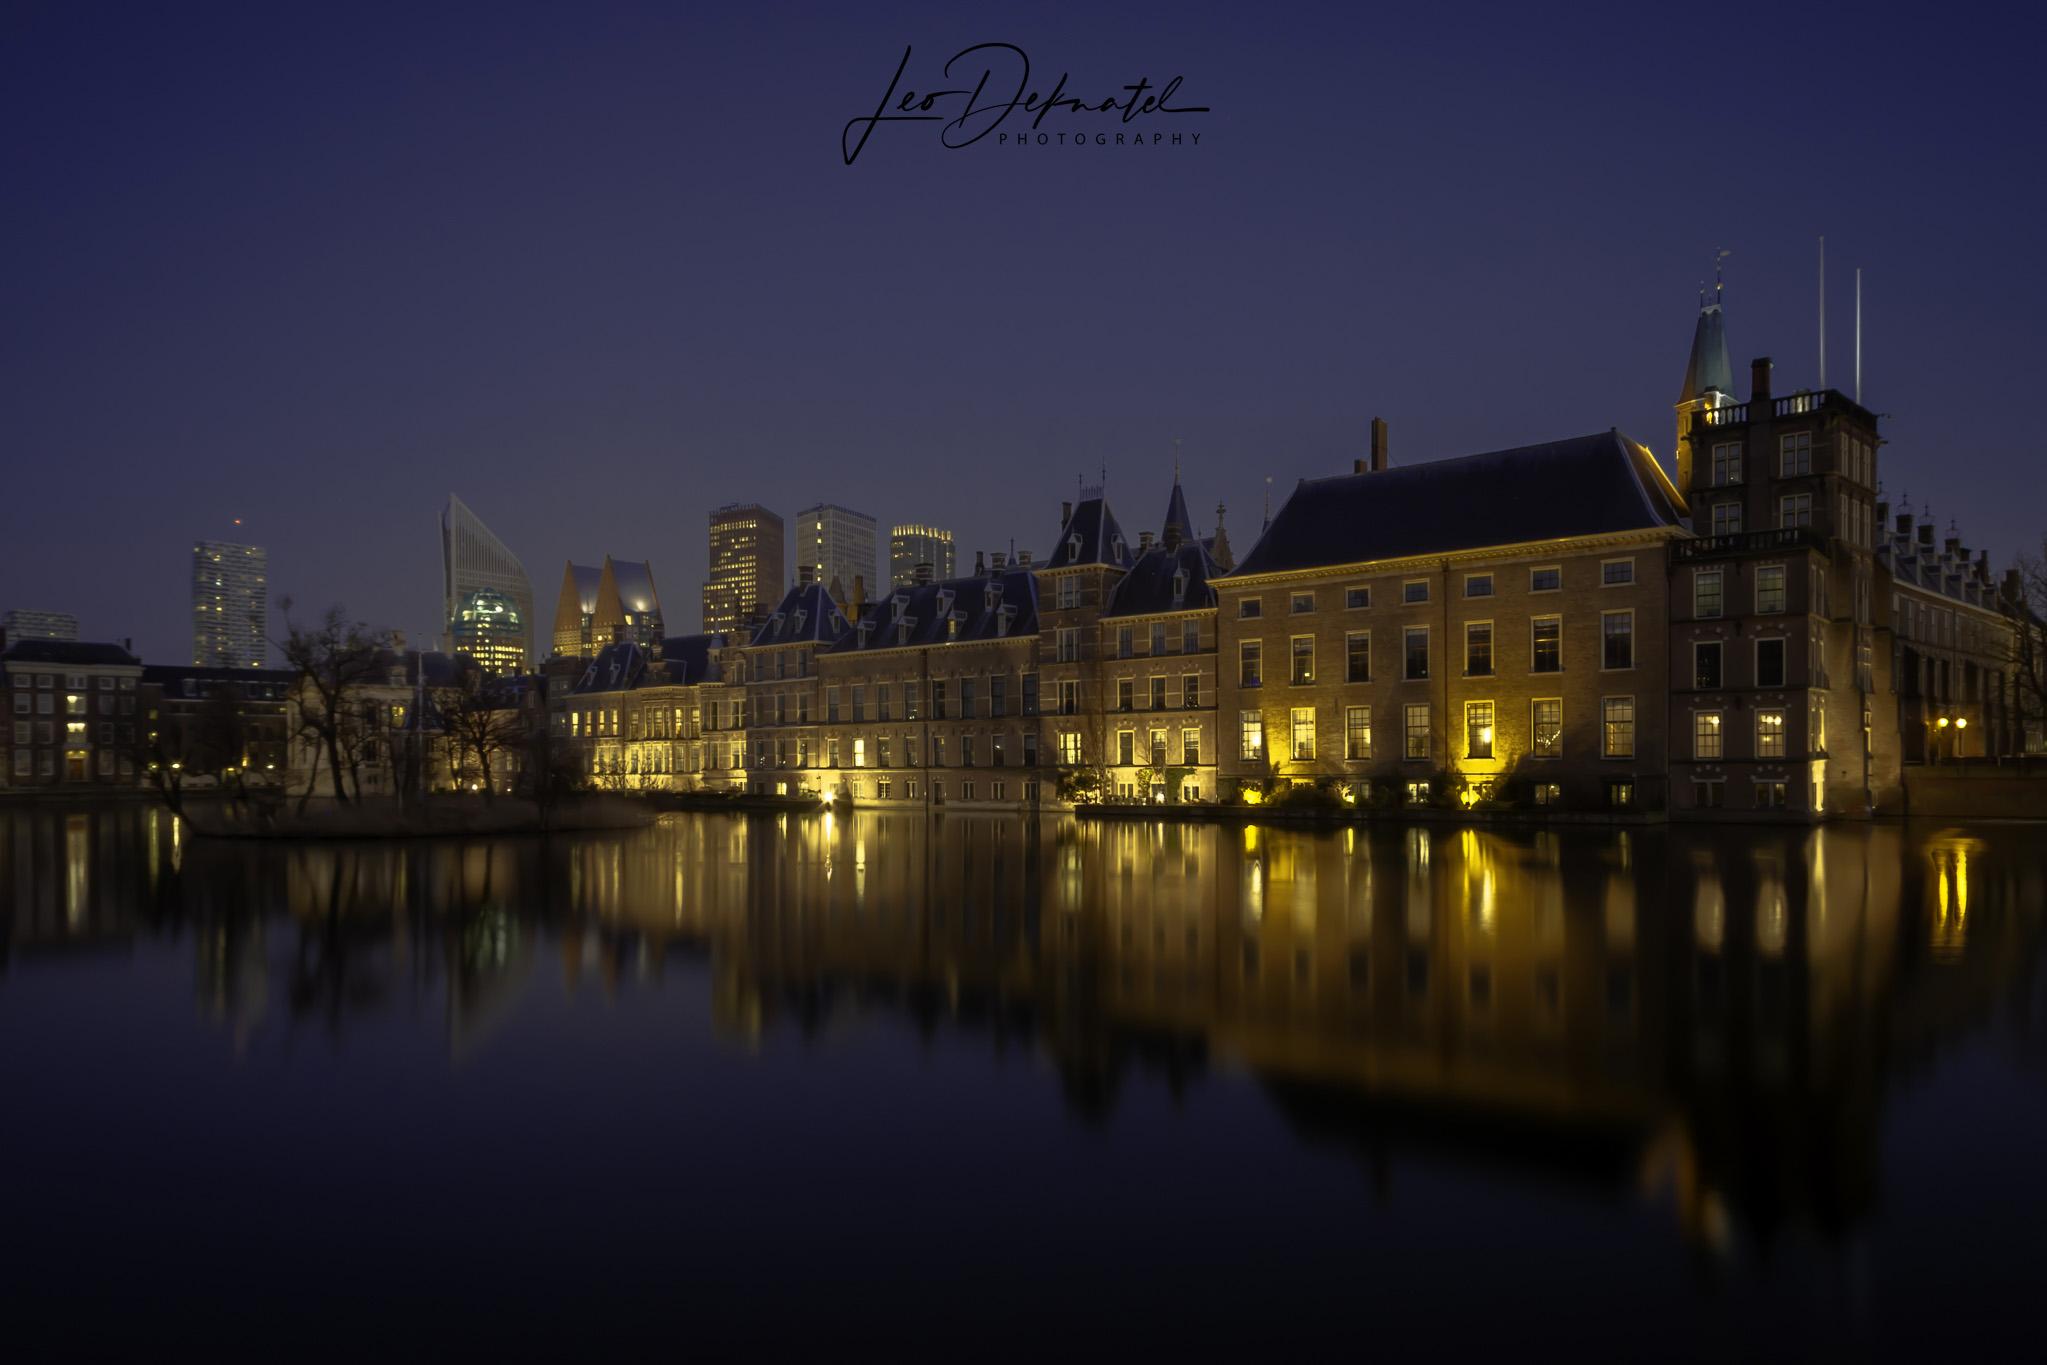 Hofvijver Den Haag, Best off 2018, Avond- nachtfotografie, lange sluitertijden